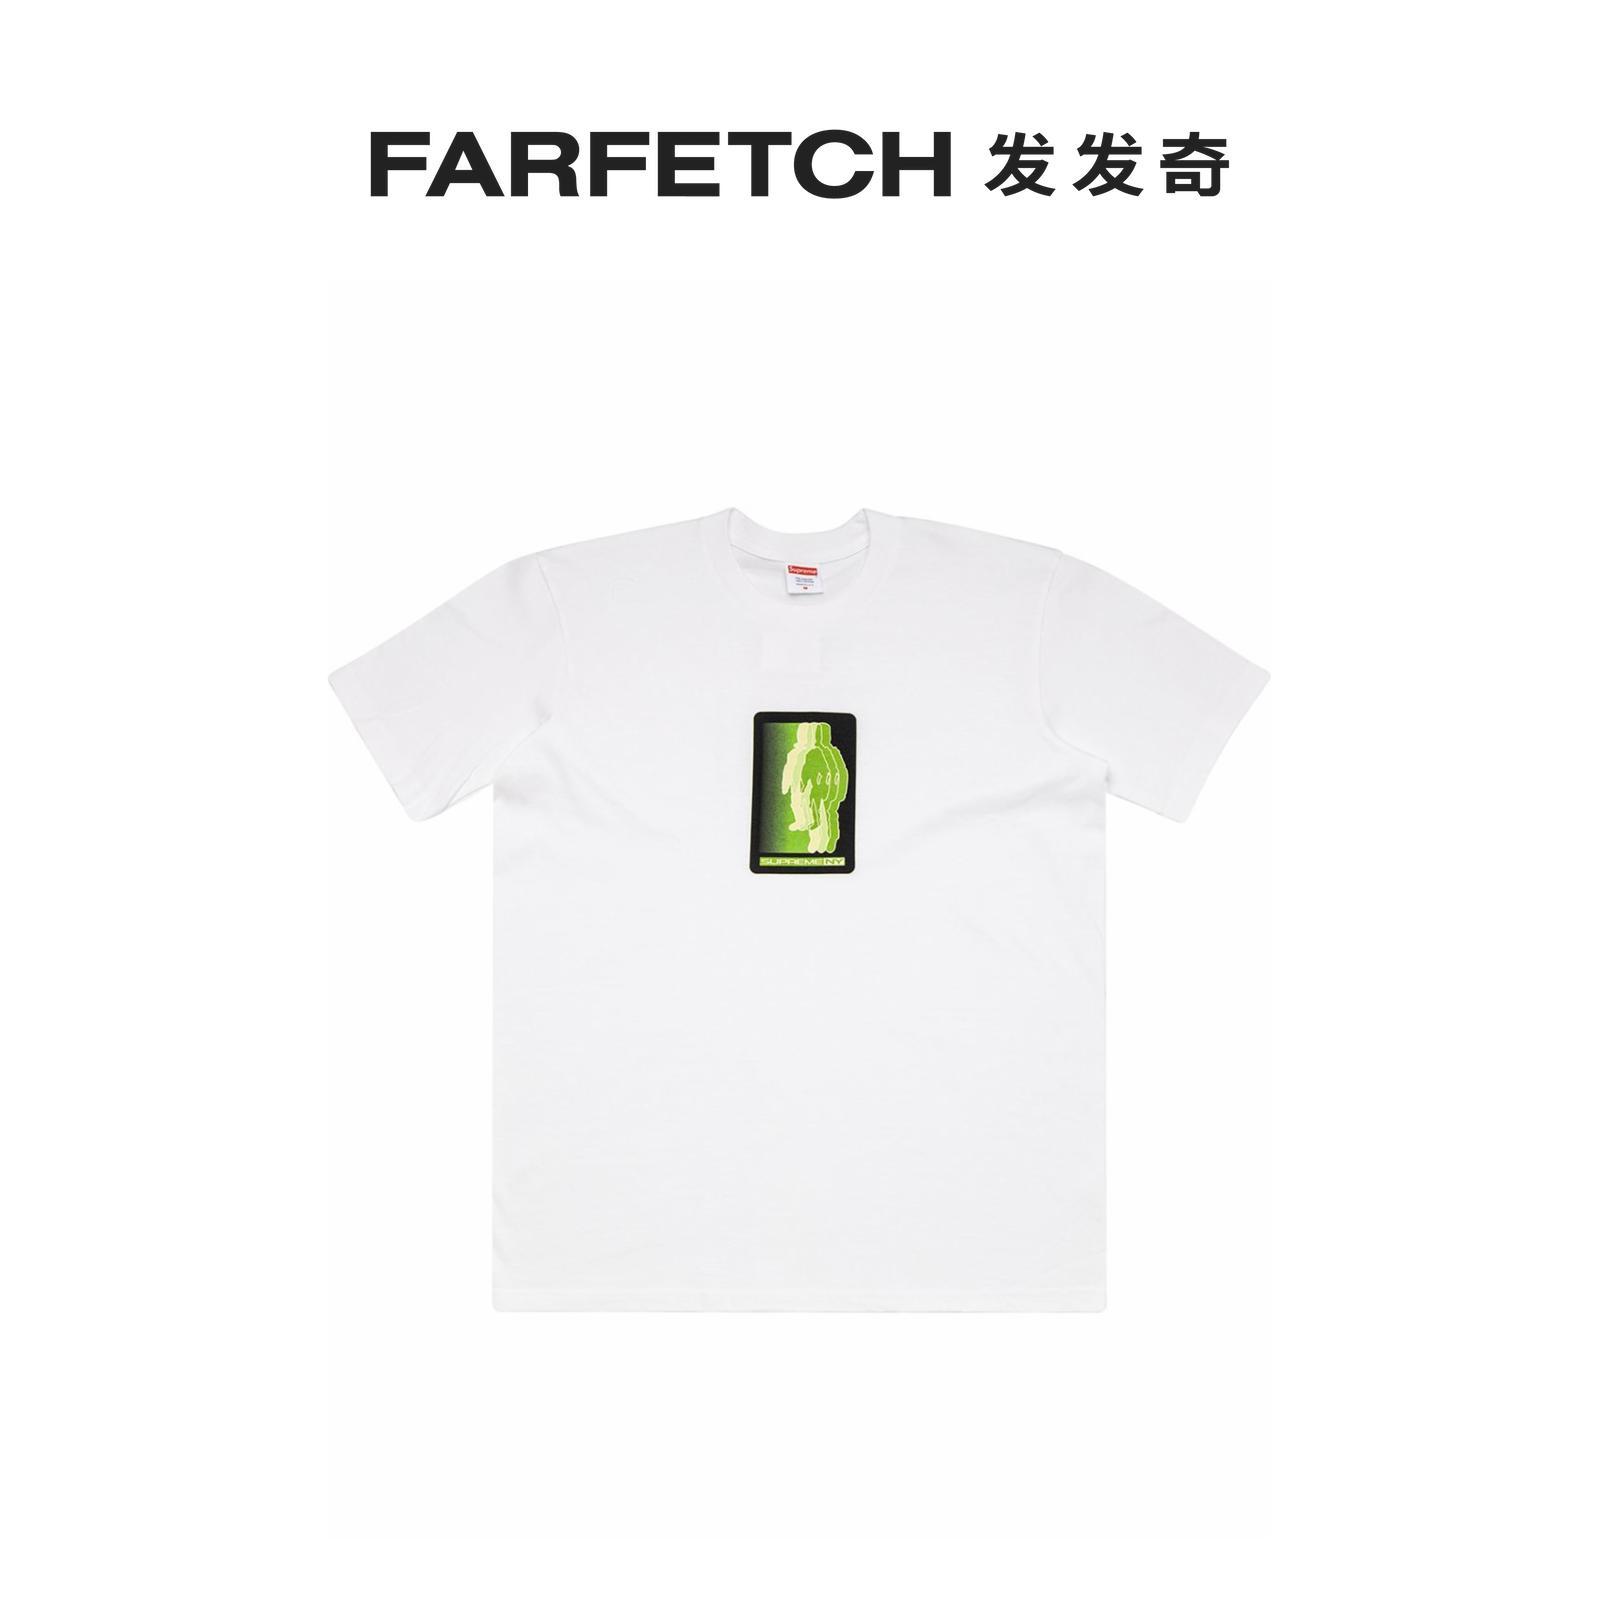 七夕礼物Supreme男士Blur T恤FARFETCH发发奇